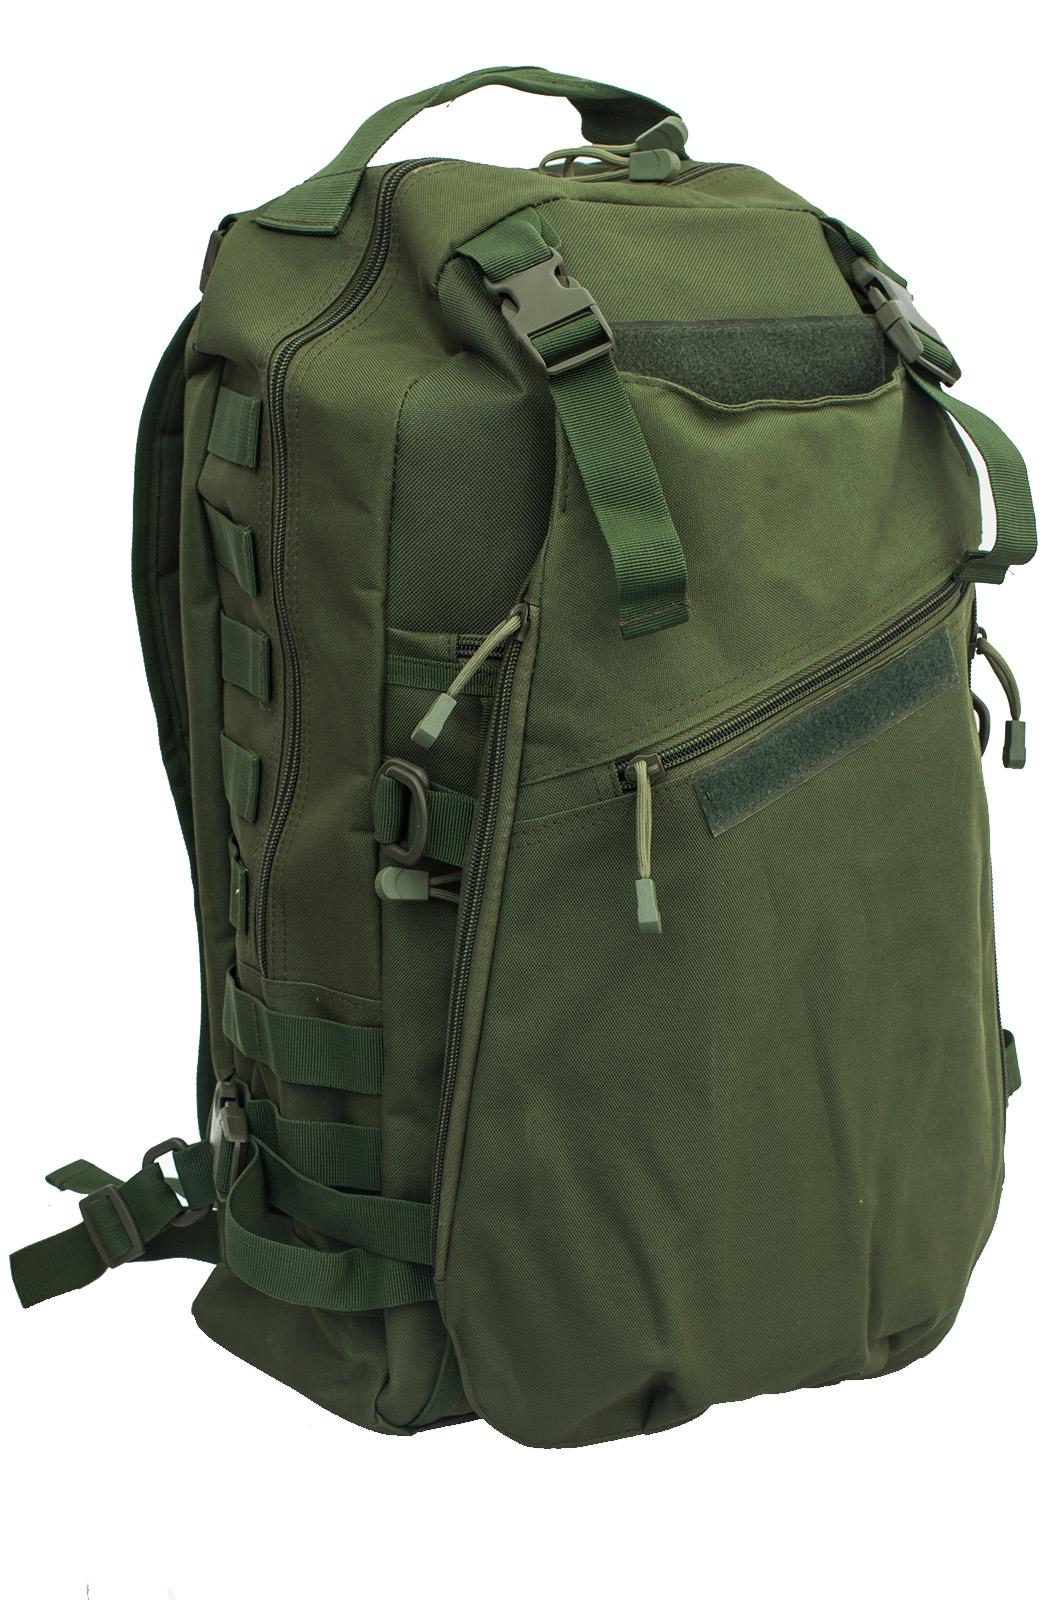 Купить рейдовый рюкзак хаки-олива